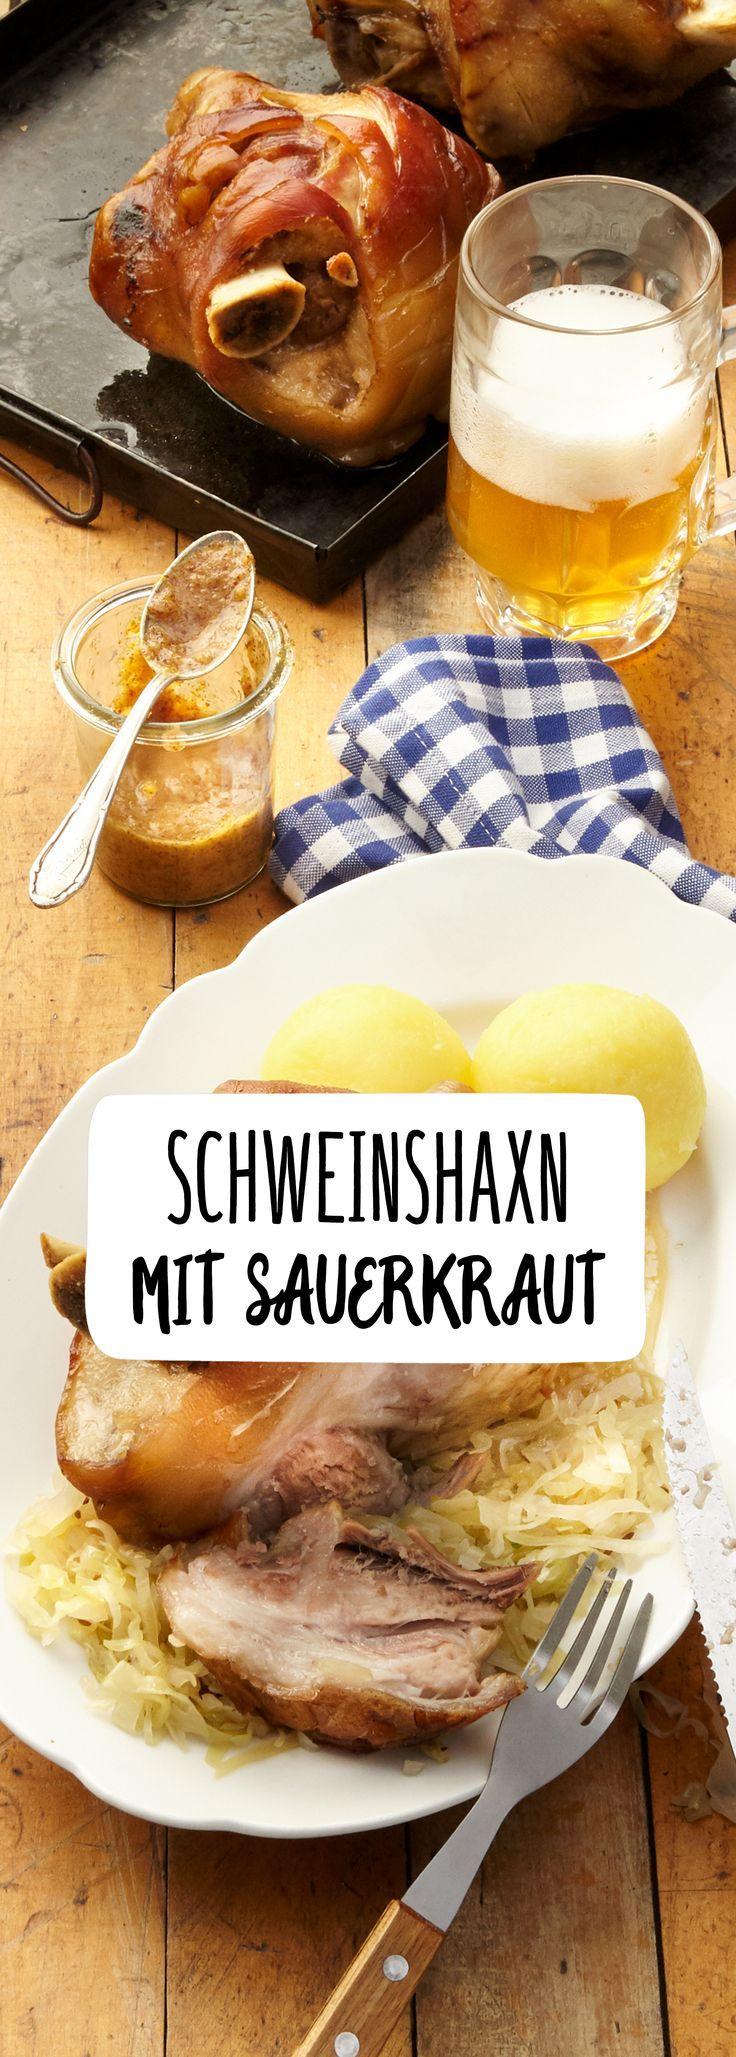 Schwein Haxe Sauerkraut Fleisch Haupt Mahlzeit Gericht Klöße Kartoffel Bayrisch Alpen Deftig Heiß Bier Hunger Ofen Zart Saftig